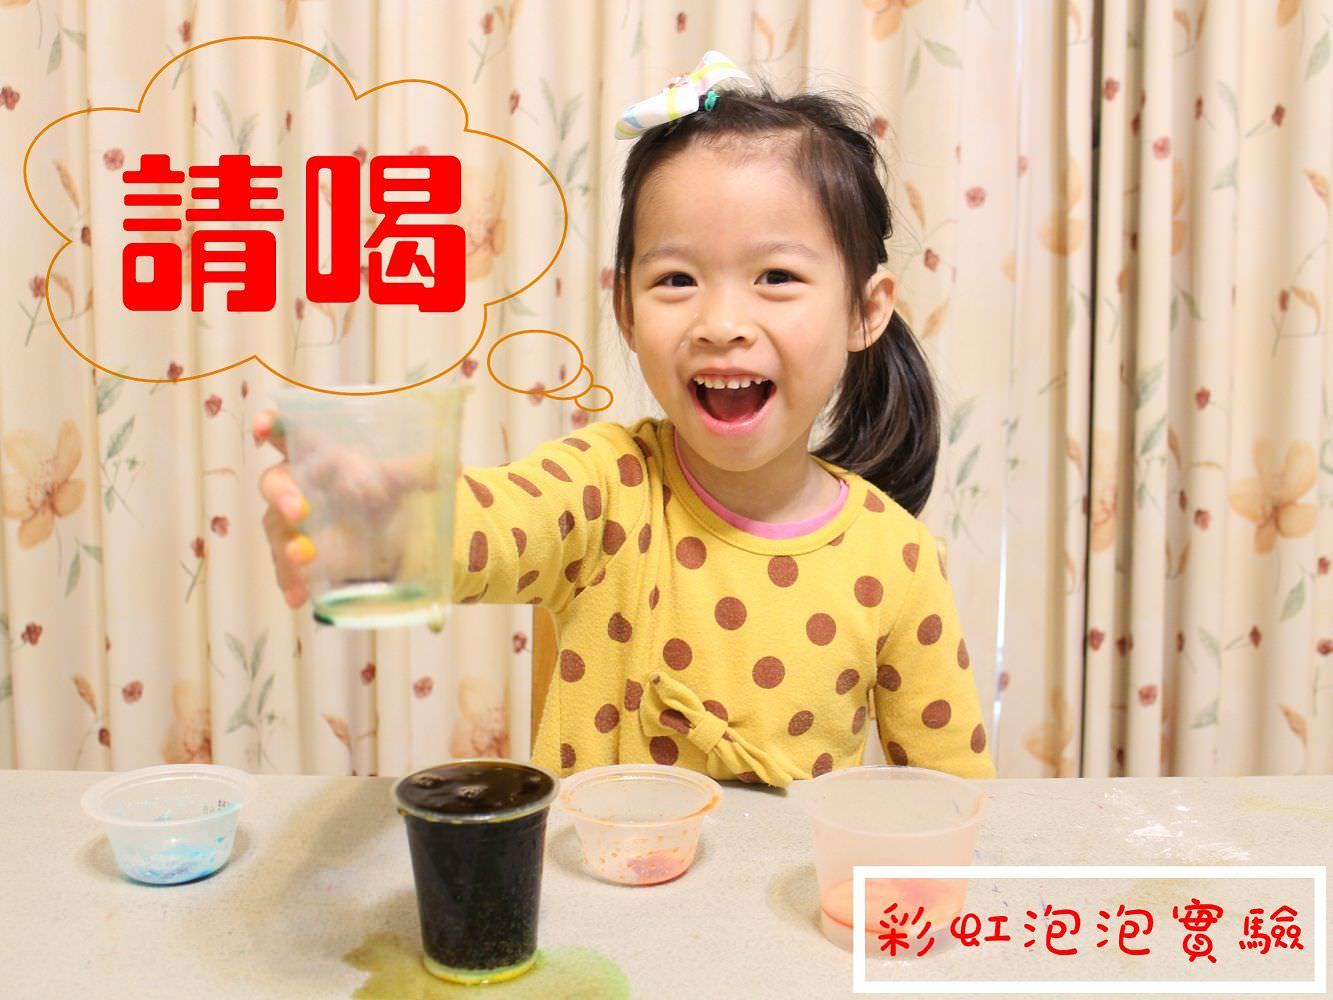 動手玩︱科學實驗︱彩虹泡泡:用家裡就有的物品,讓孩子瘋玩的DIY遊戲,一起來玩繽紛氣泡水,文內附影片